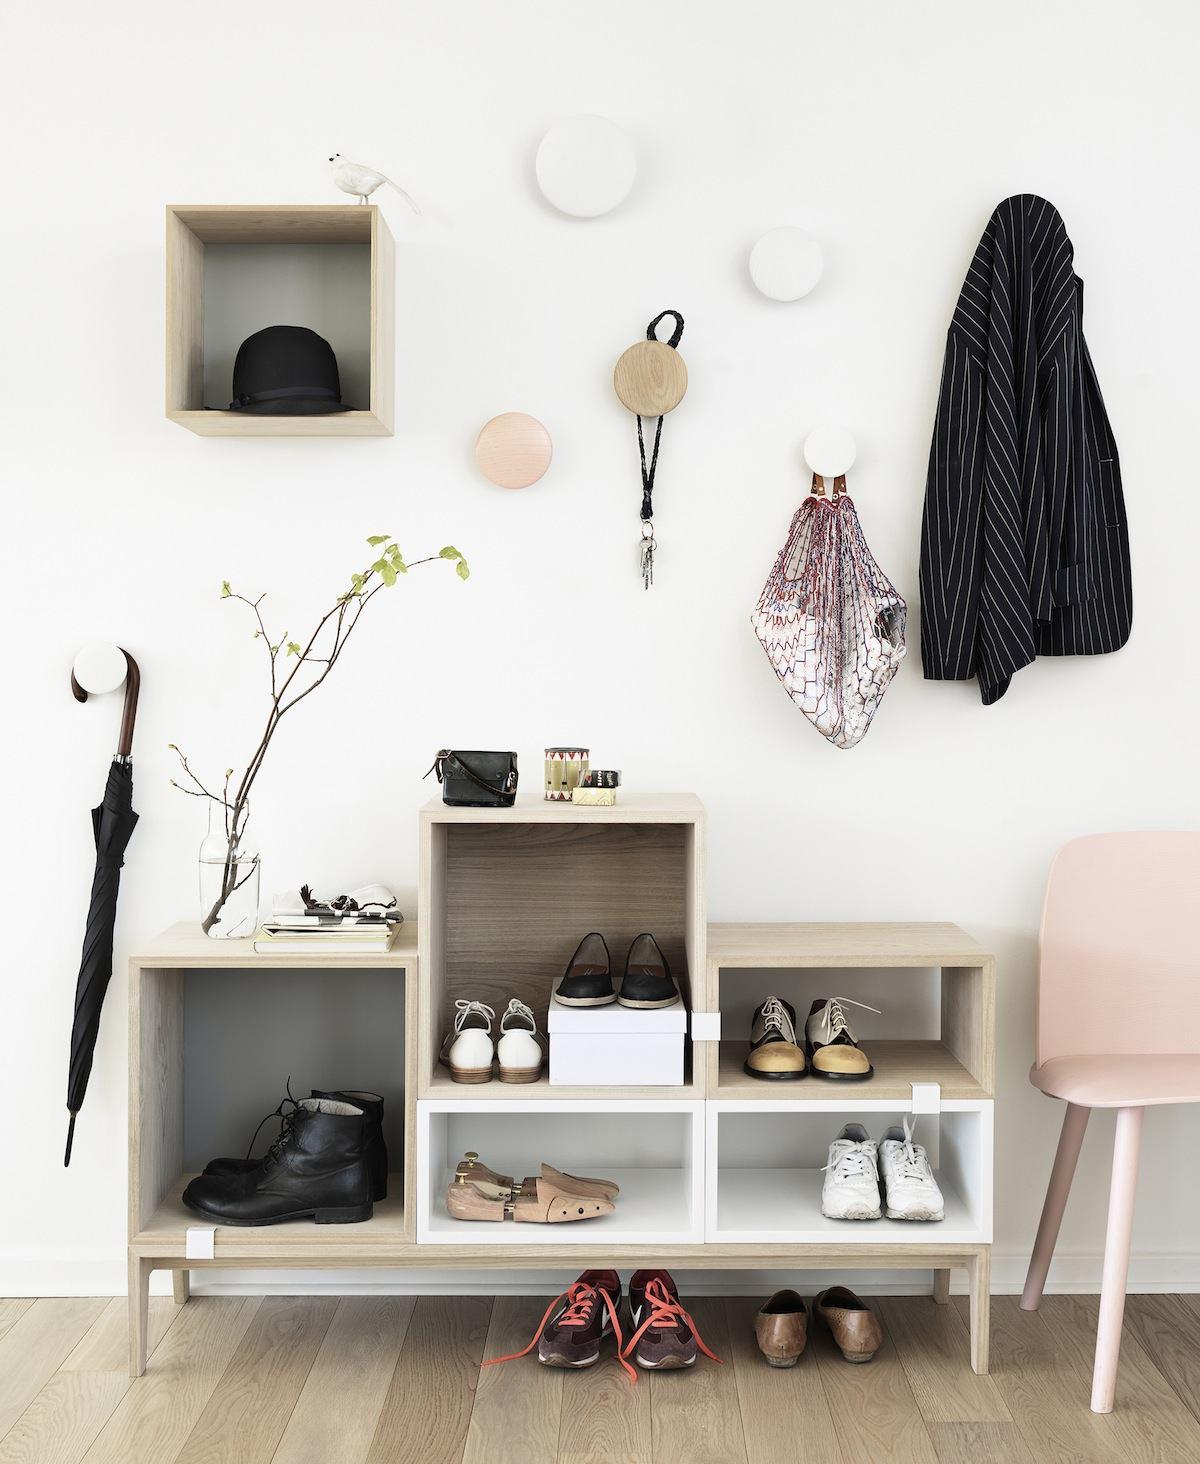 mueble recibidor pequeño - organizar el recibidor